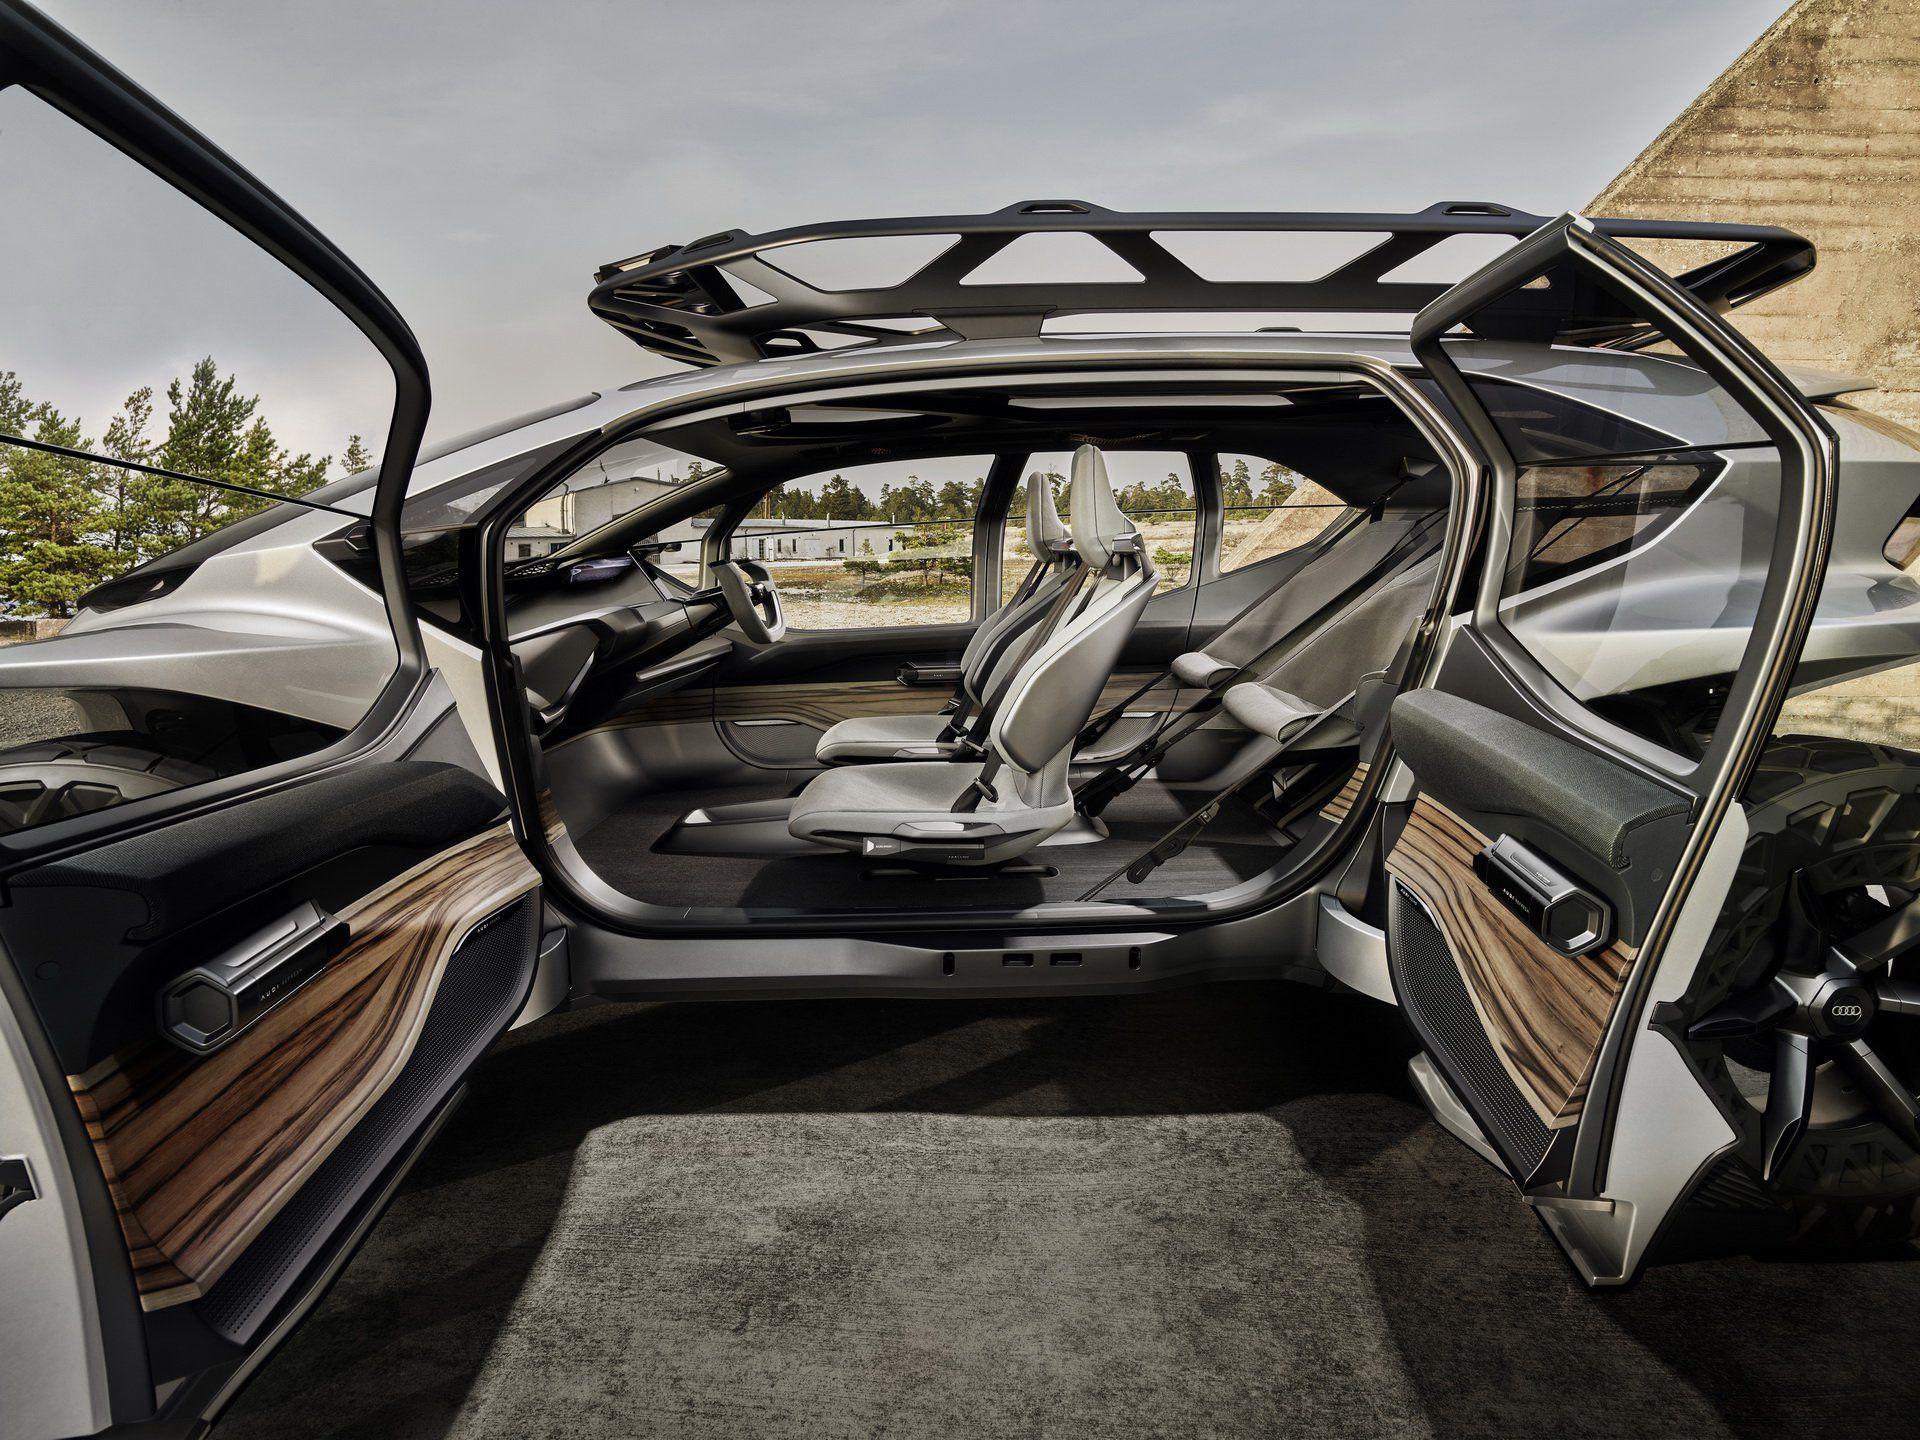 Audi AI TRAIL Quattro: фантастичний концепт енергійного позашляховика майбутнього